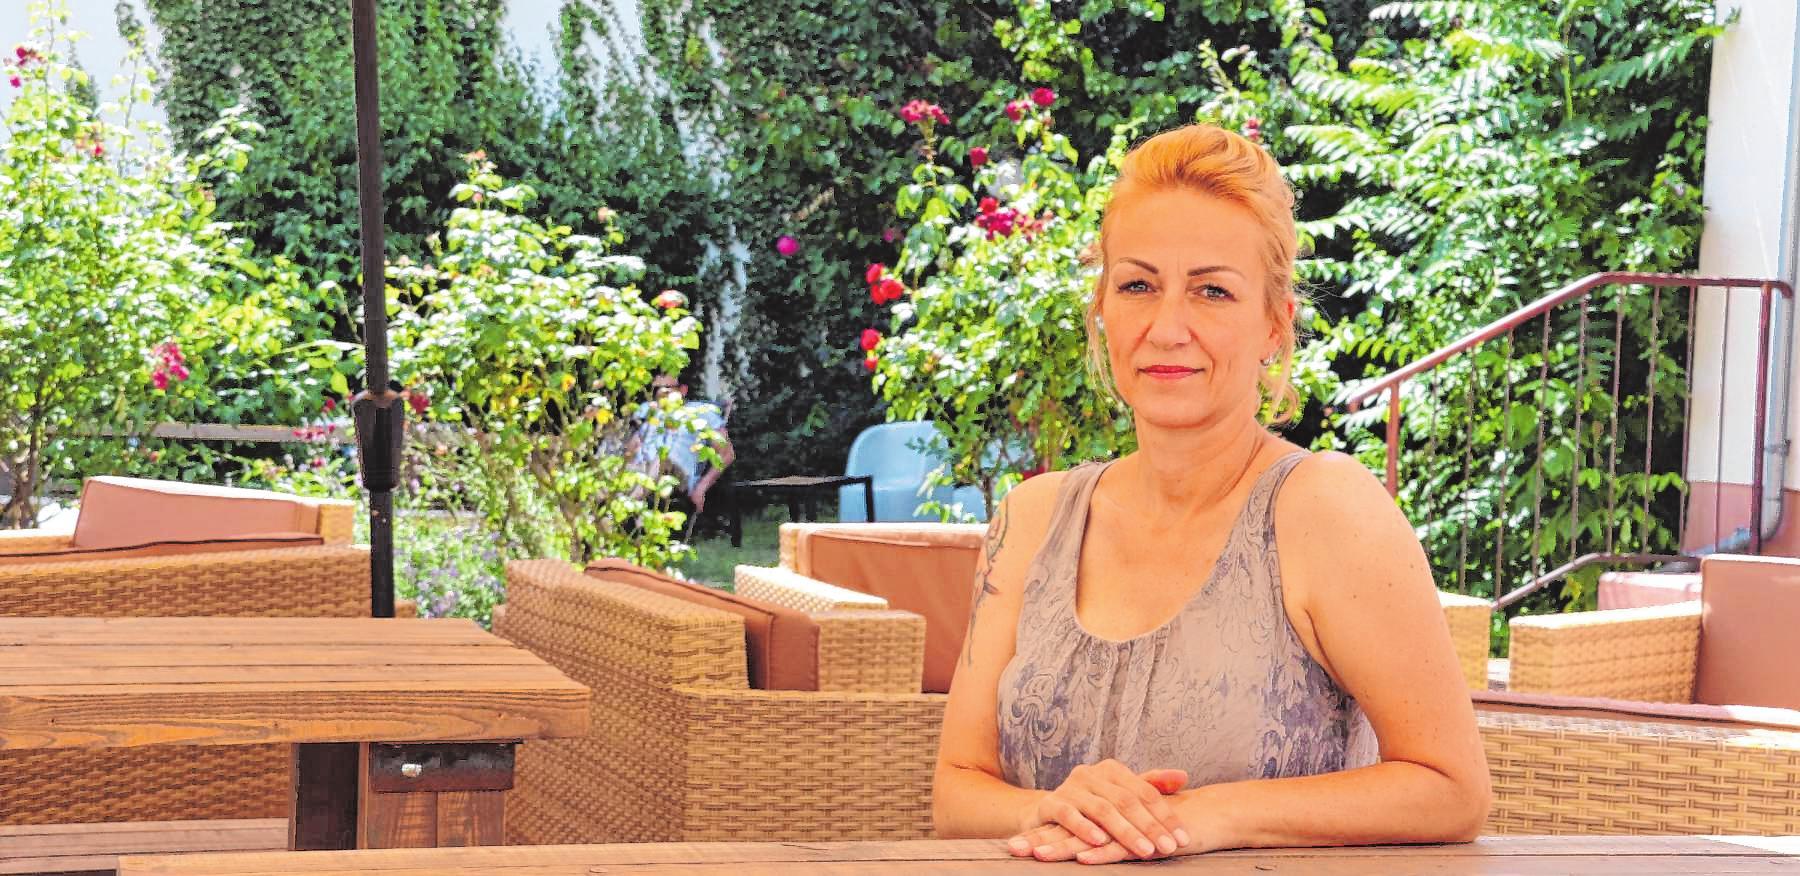 """""""Grüne Oase inmitten der Quadrate"""": Im Innenhof des Gründerinnenzentrums betreibt Nicole Chilla die """"dankbar"""". Gewinne werden gespendet.         BILD: JESCHKE"""